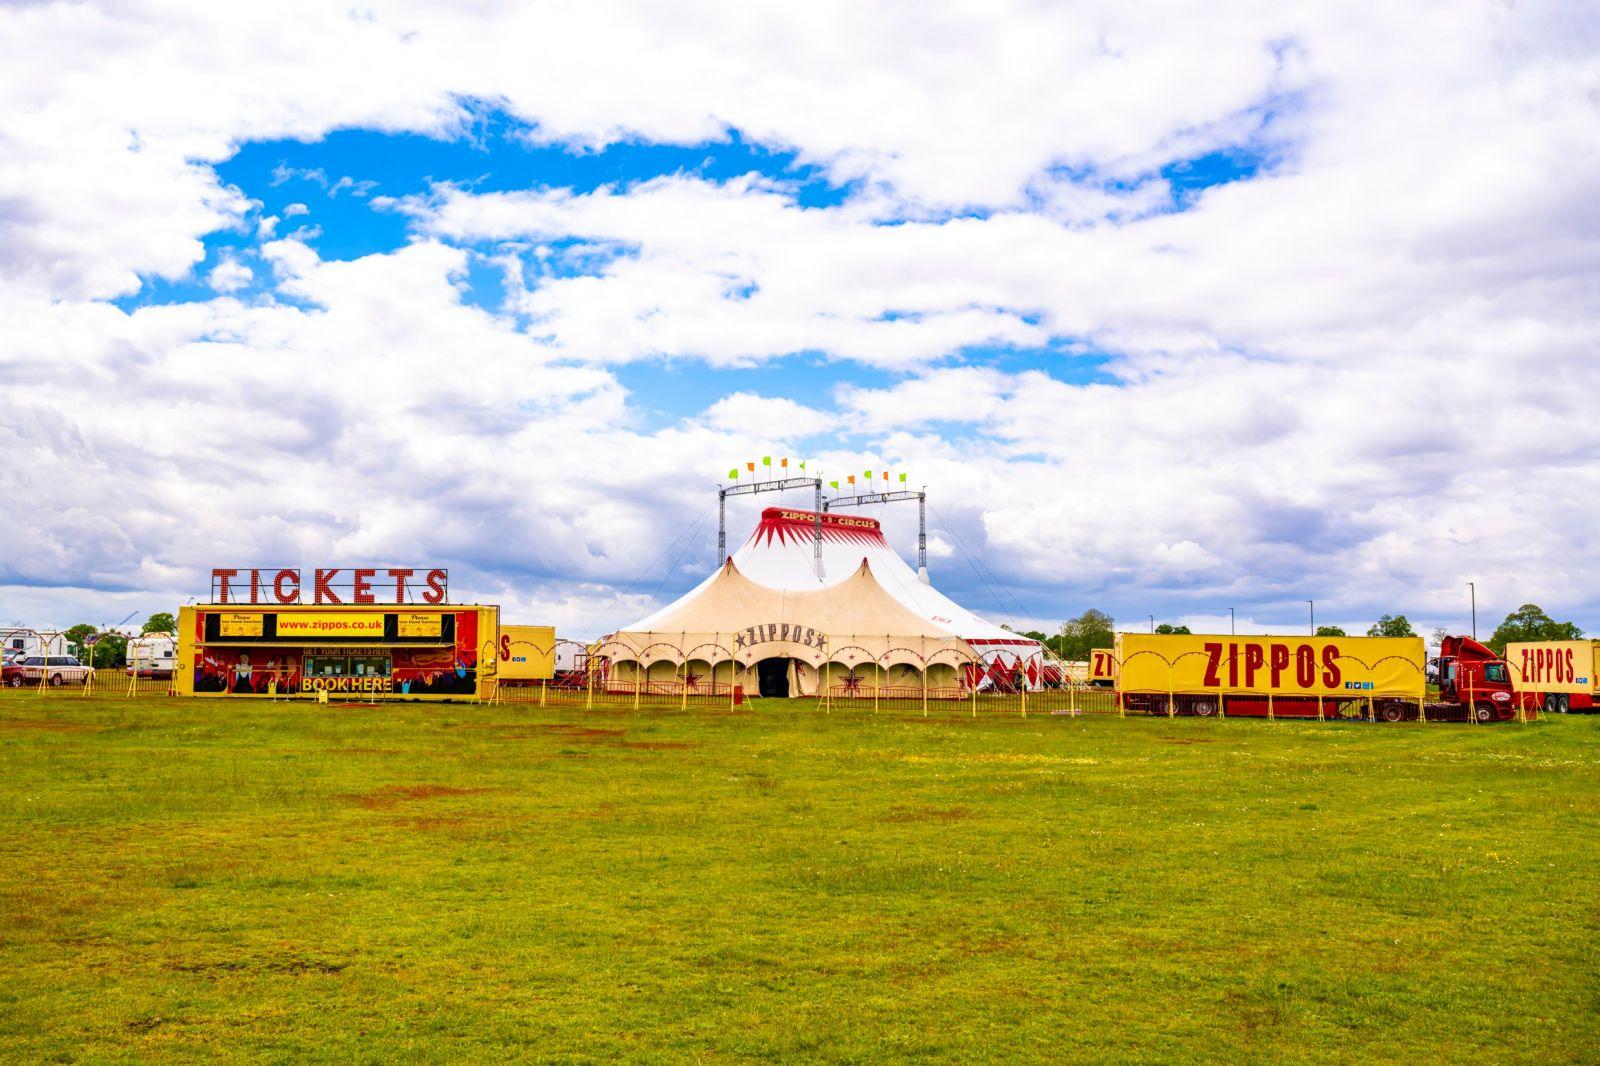 Zippos Circus Big Top (1) Photographer credit: Piet-Hein Out